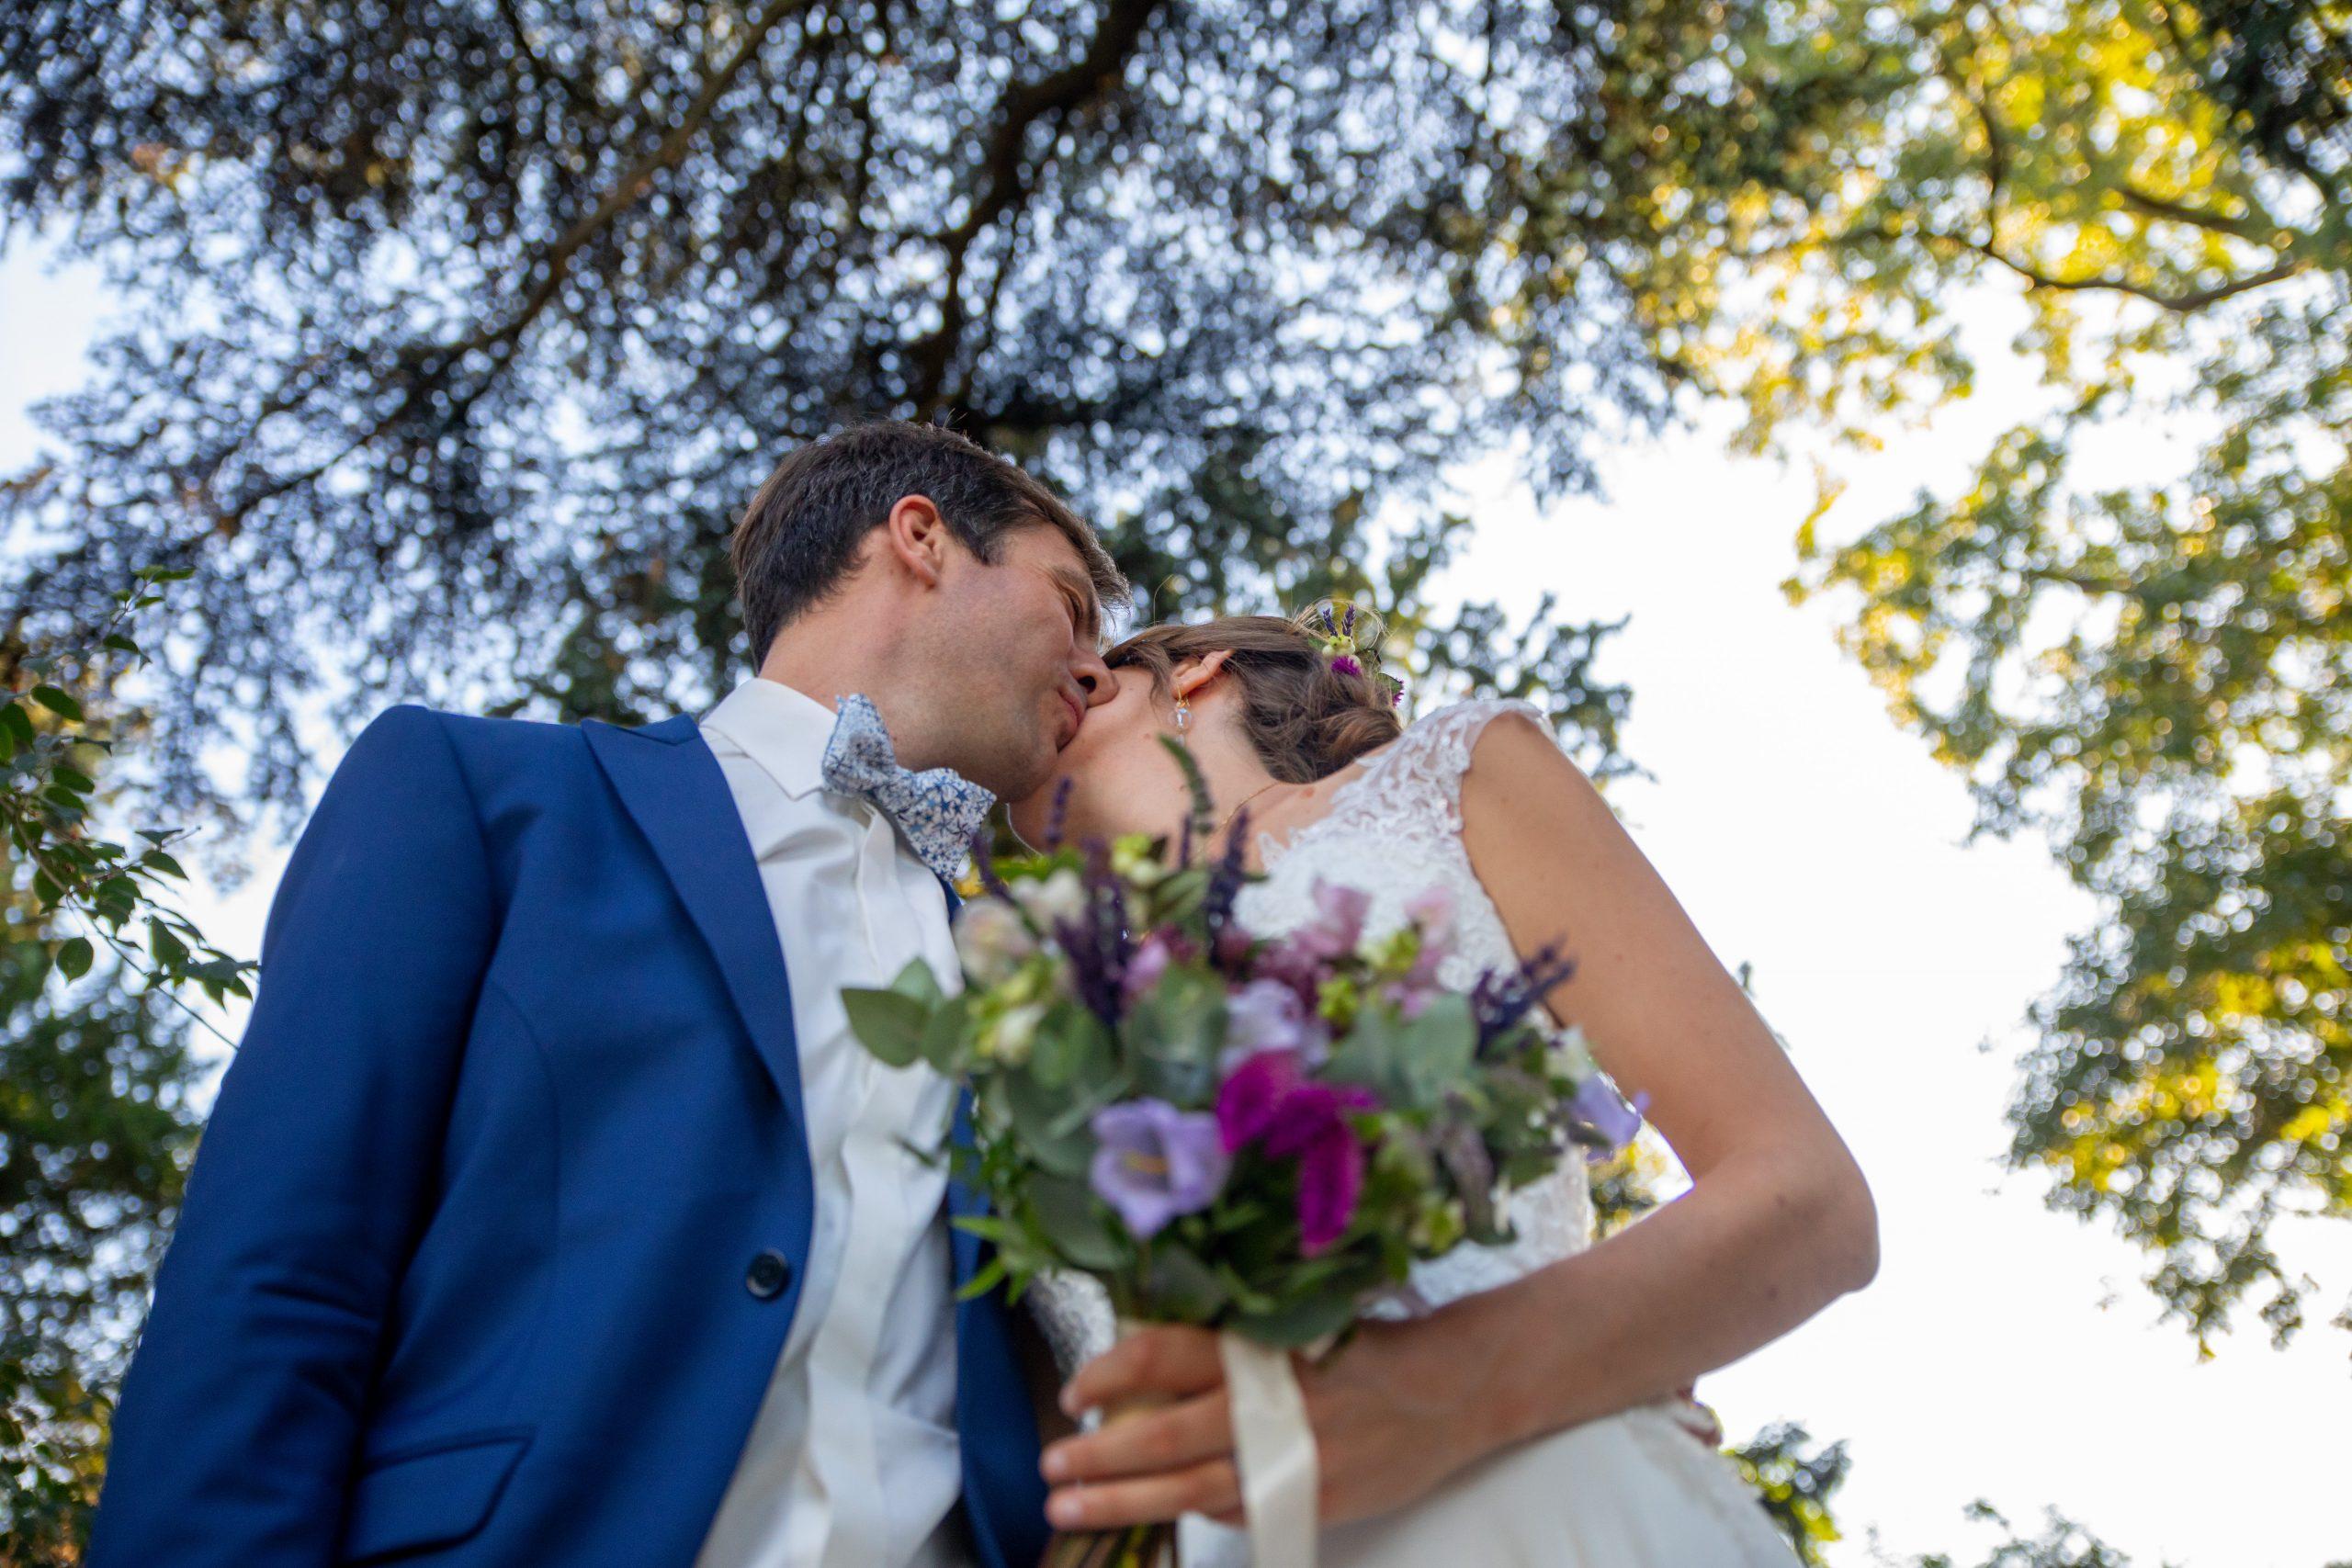 Séance couple mariage - Photographe mariage - Paris - Montpellier - Nice - original - Mariage Ile de France - Mariage Jardins des plantes - Paris